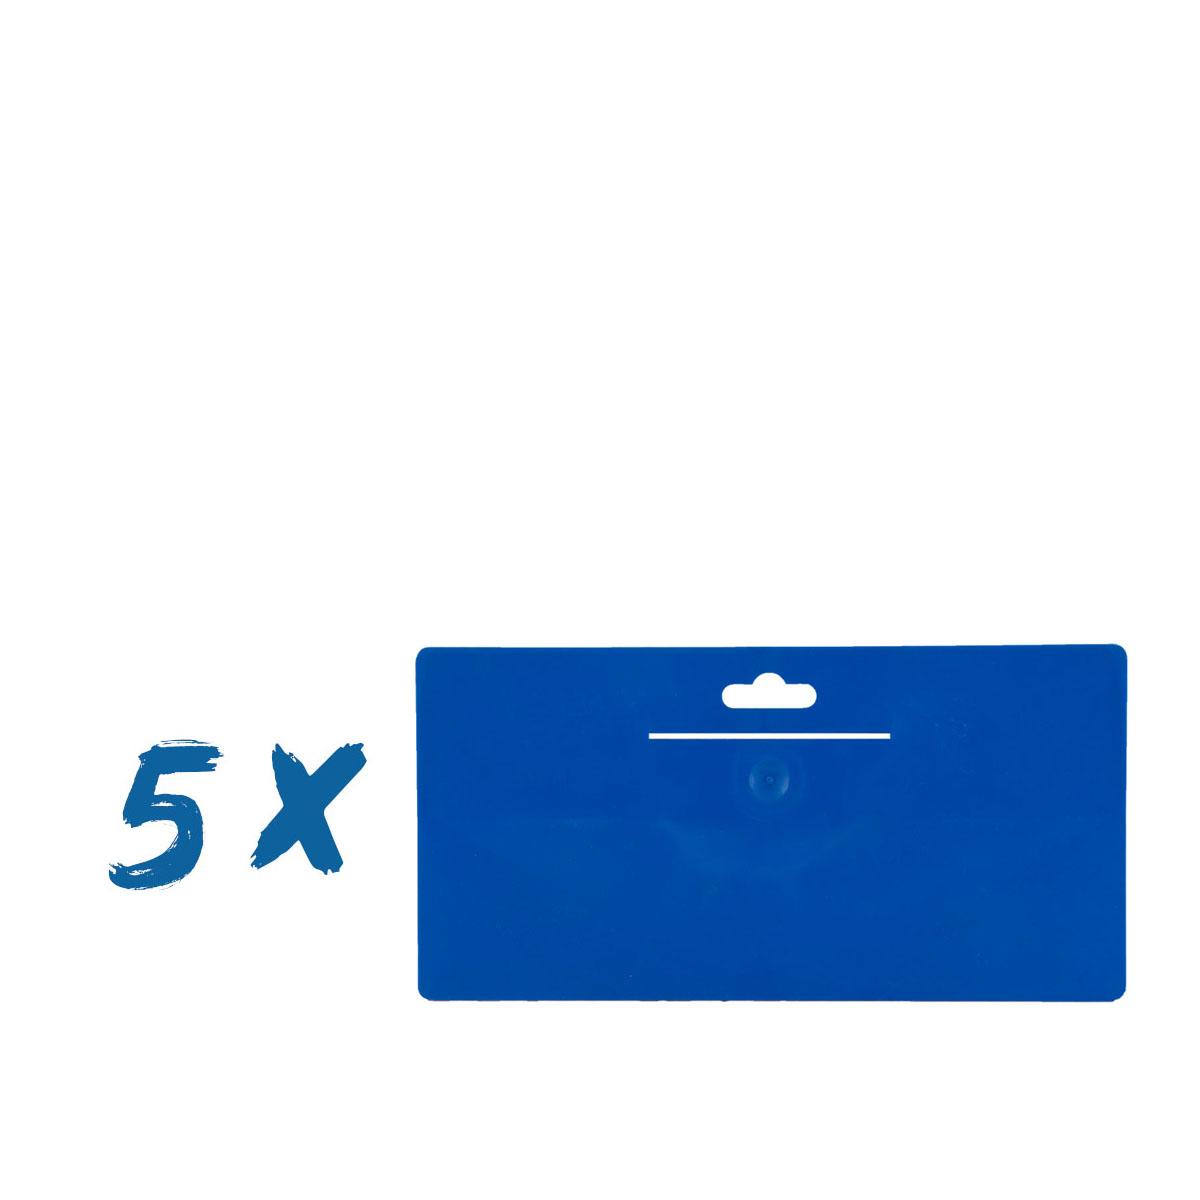 5 x Tapezierspachtel Blau 240x120 mm, Tapeten-Andrückspachtel